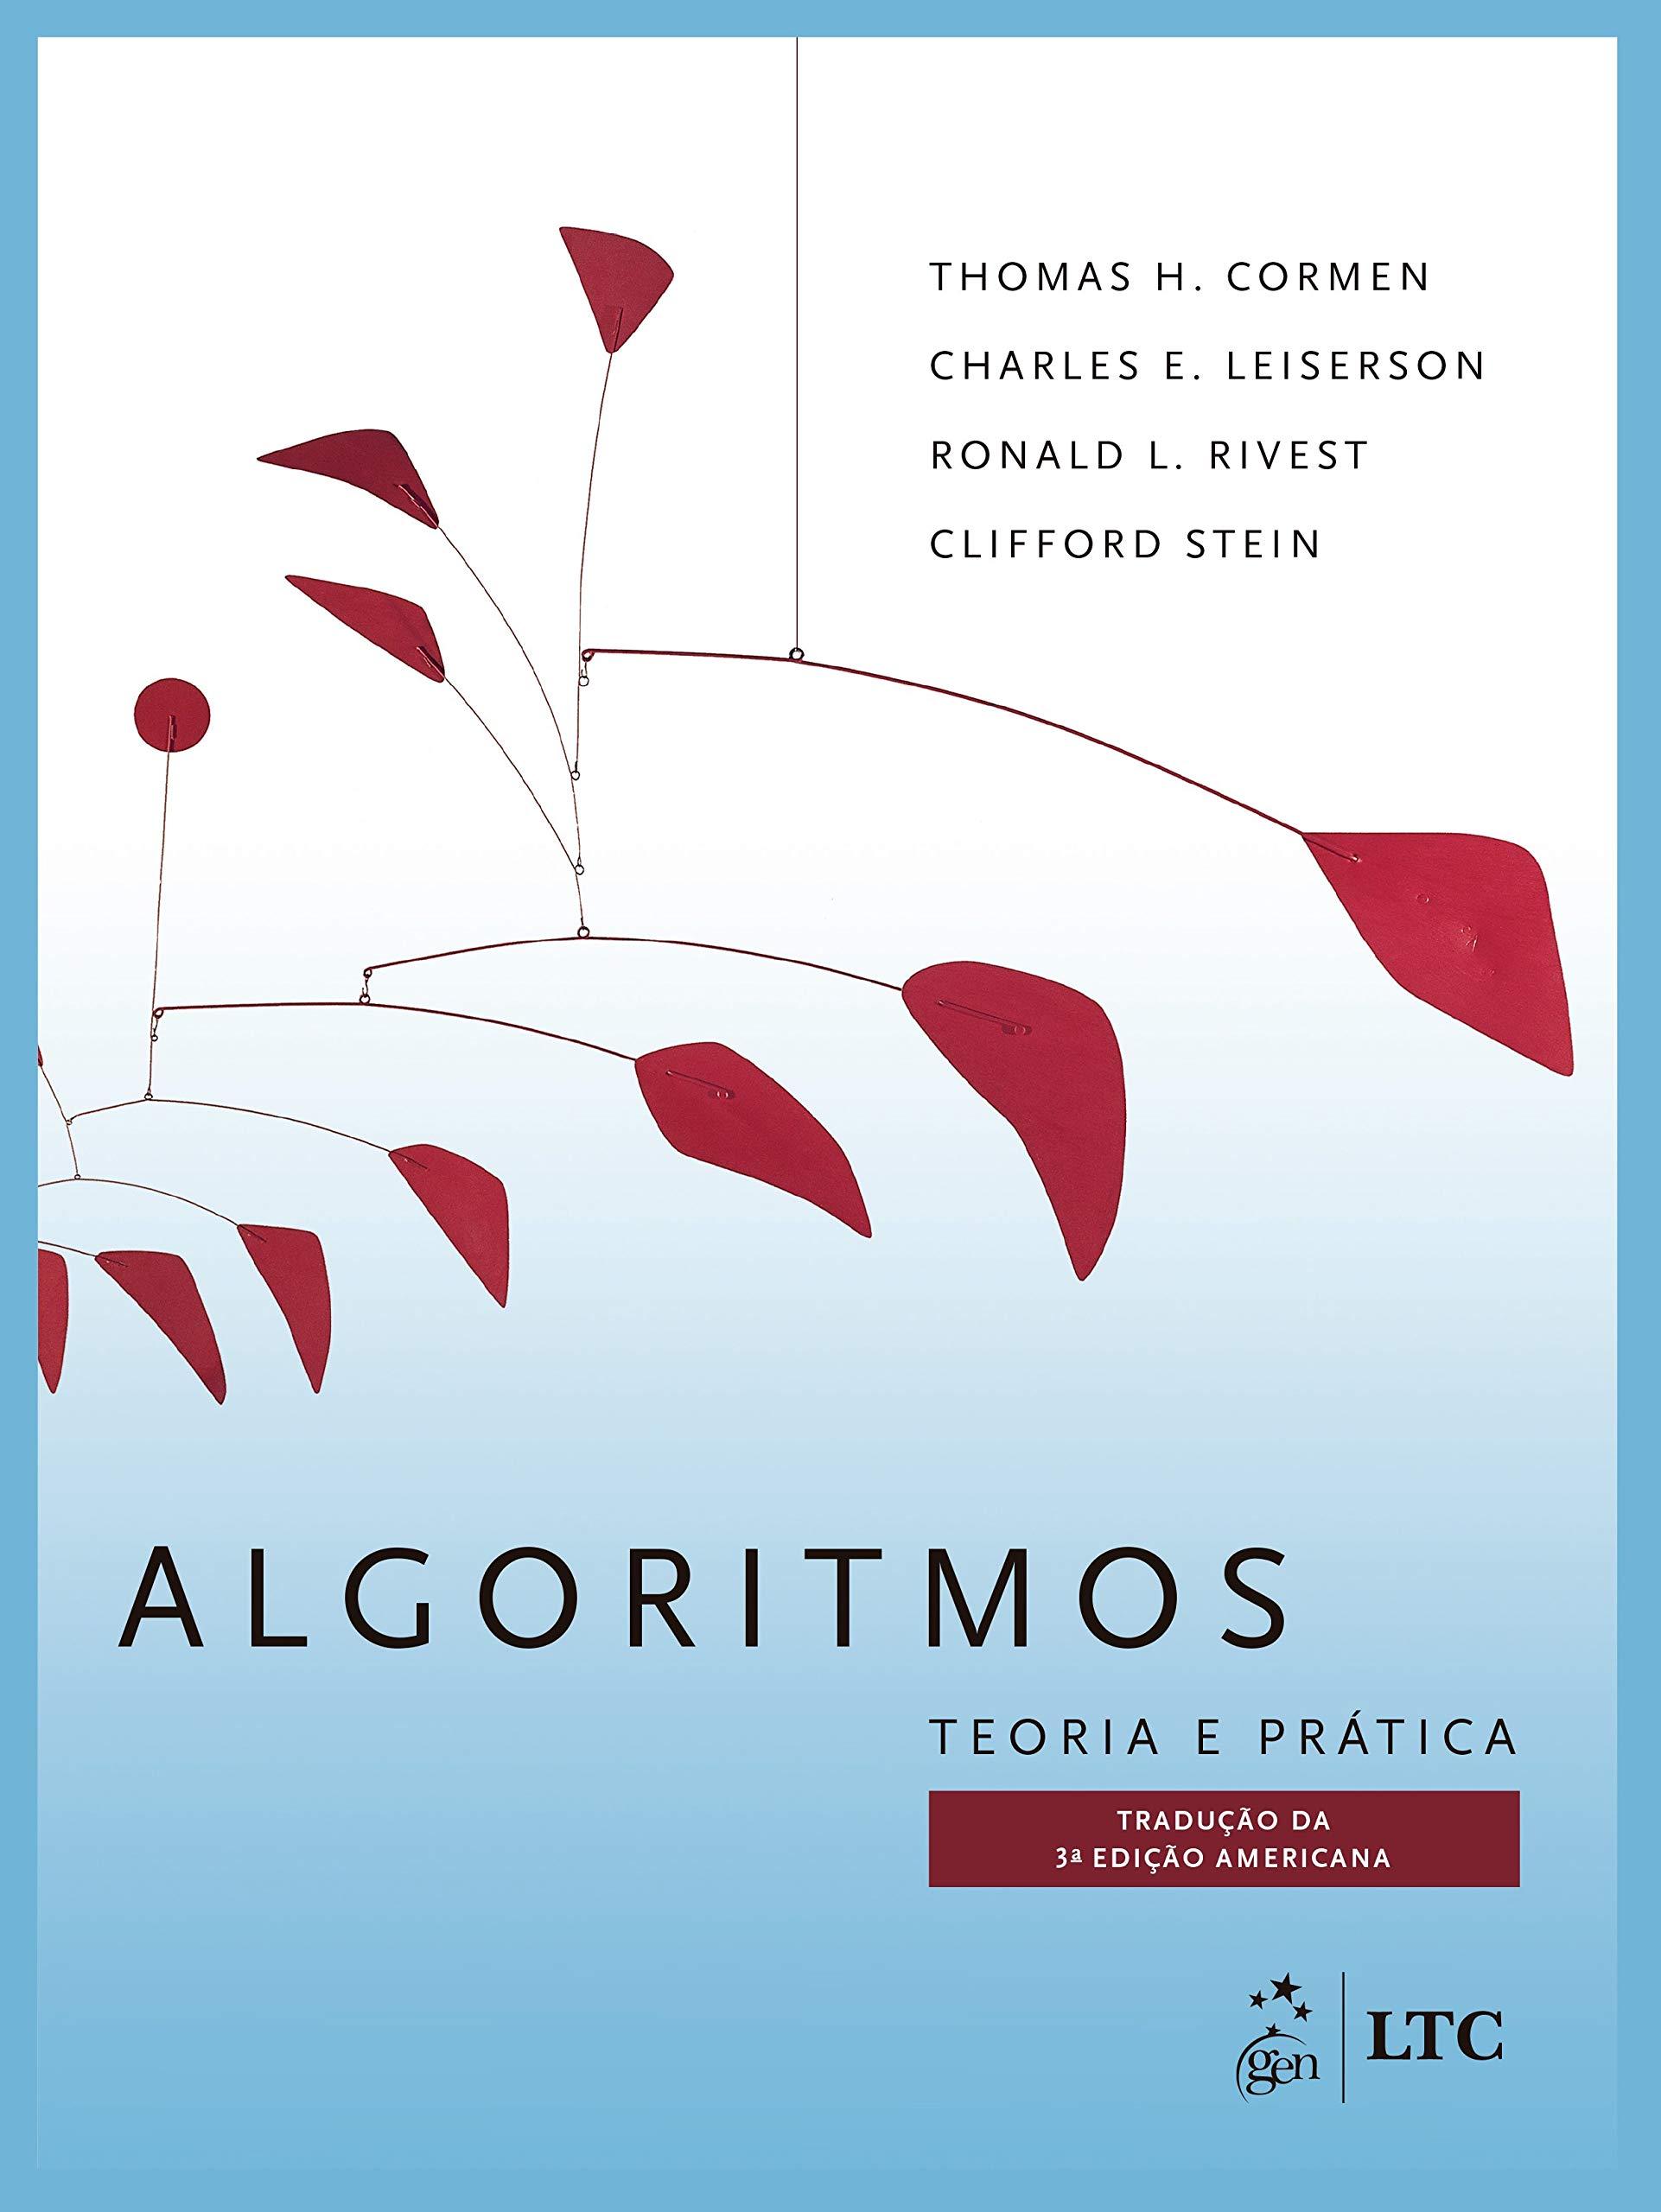 Algoritmos - Teoria e Prática   Amazon.com.br